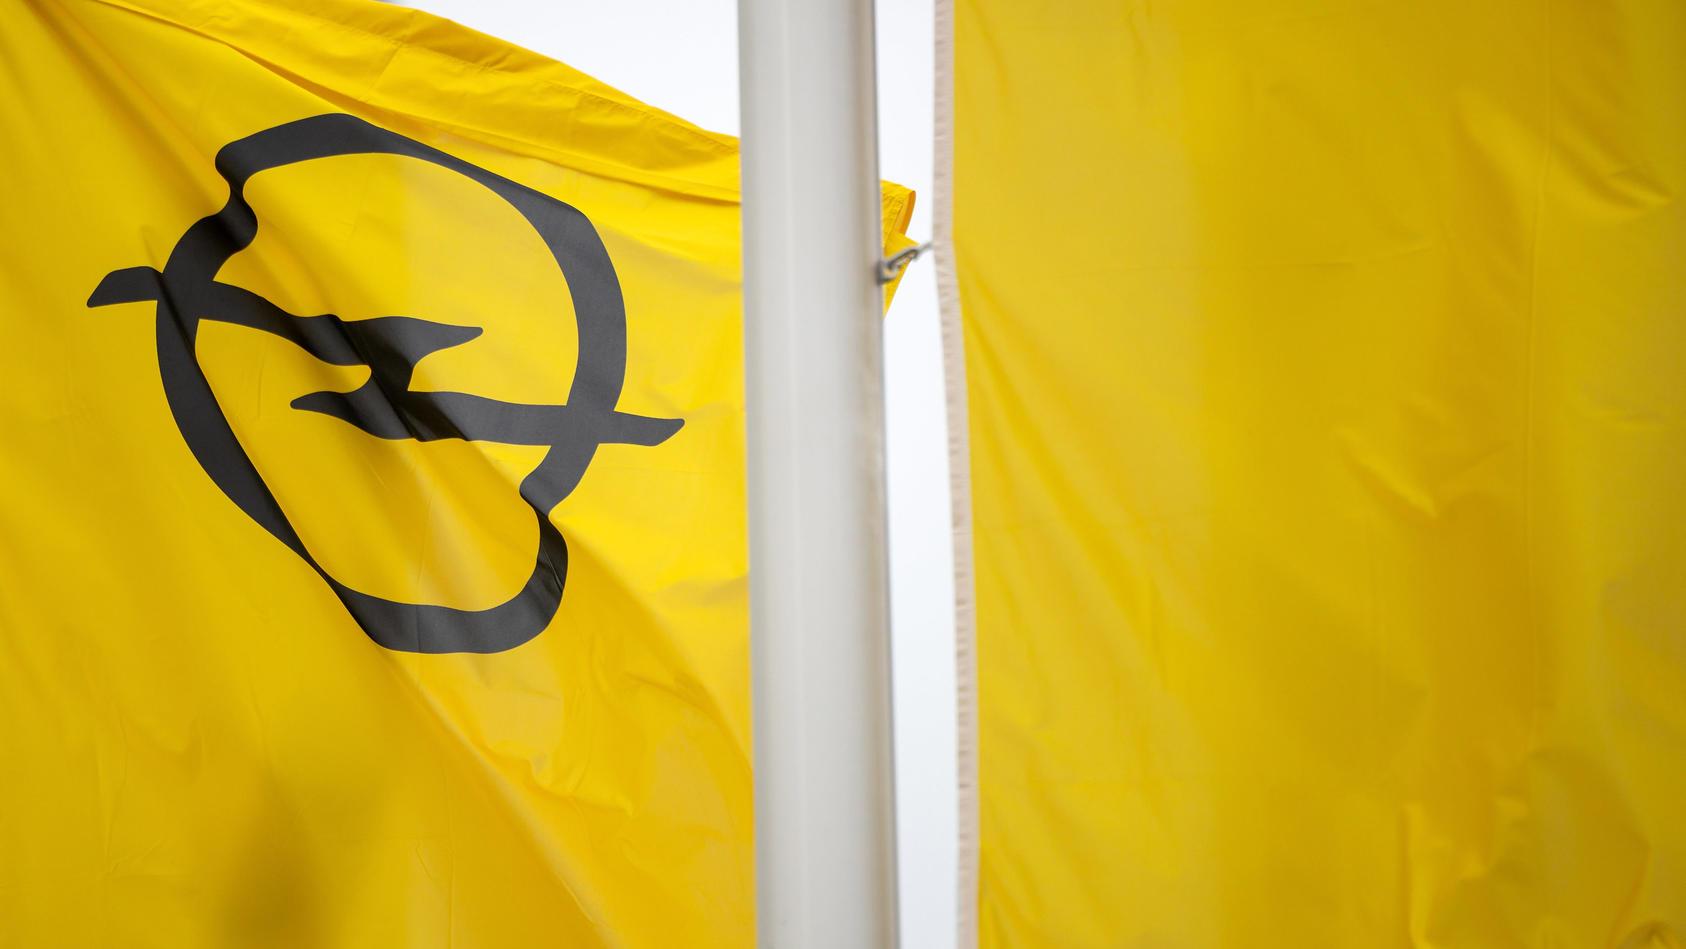 Opel-Mitarbeiter sollen sich nach einem neuen Job umschauen.